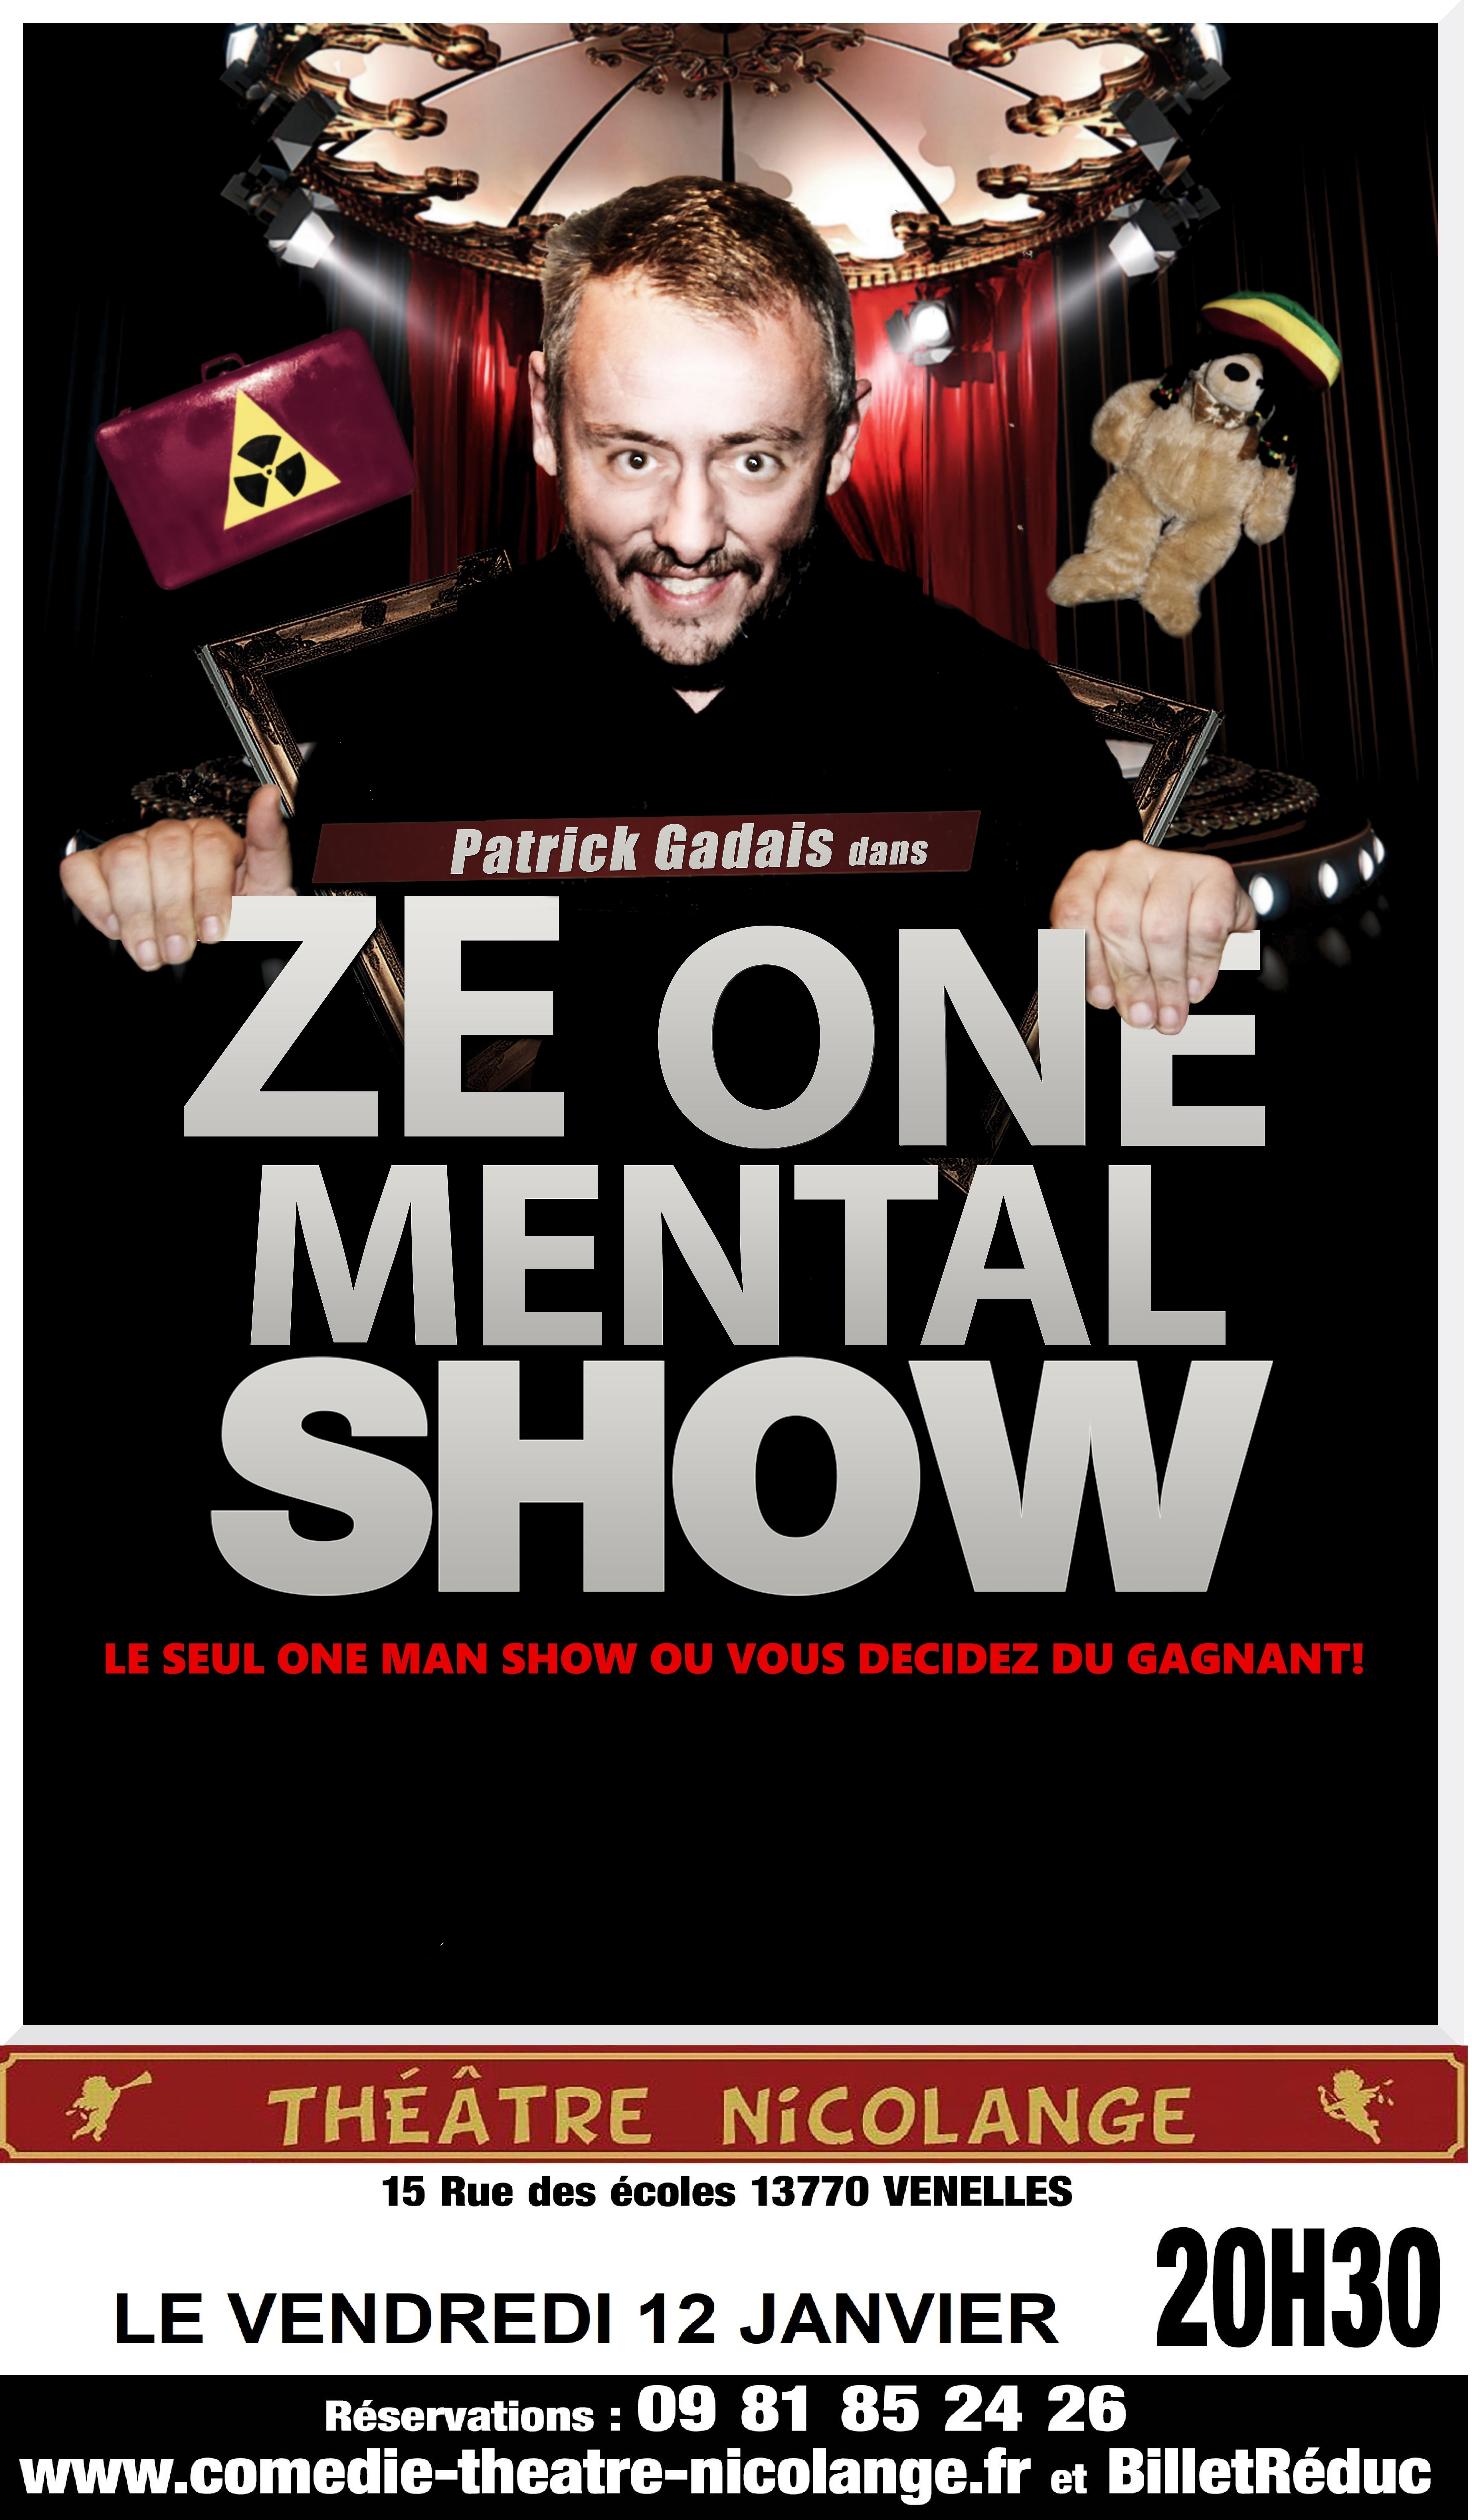 Affiche de la pièce de théâtre Ze one mental show